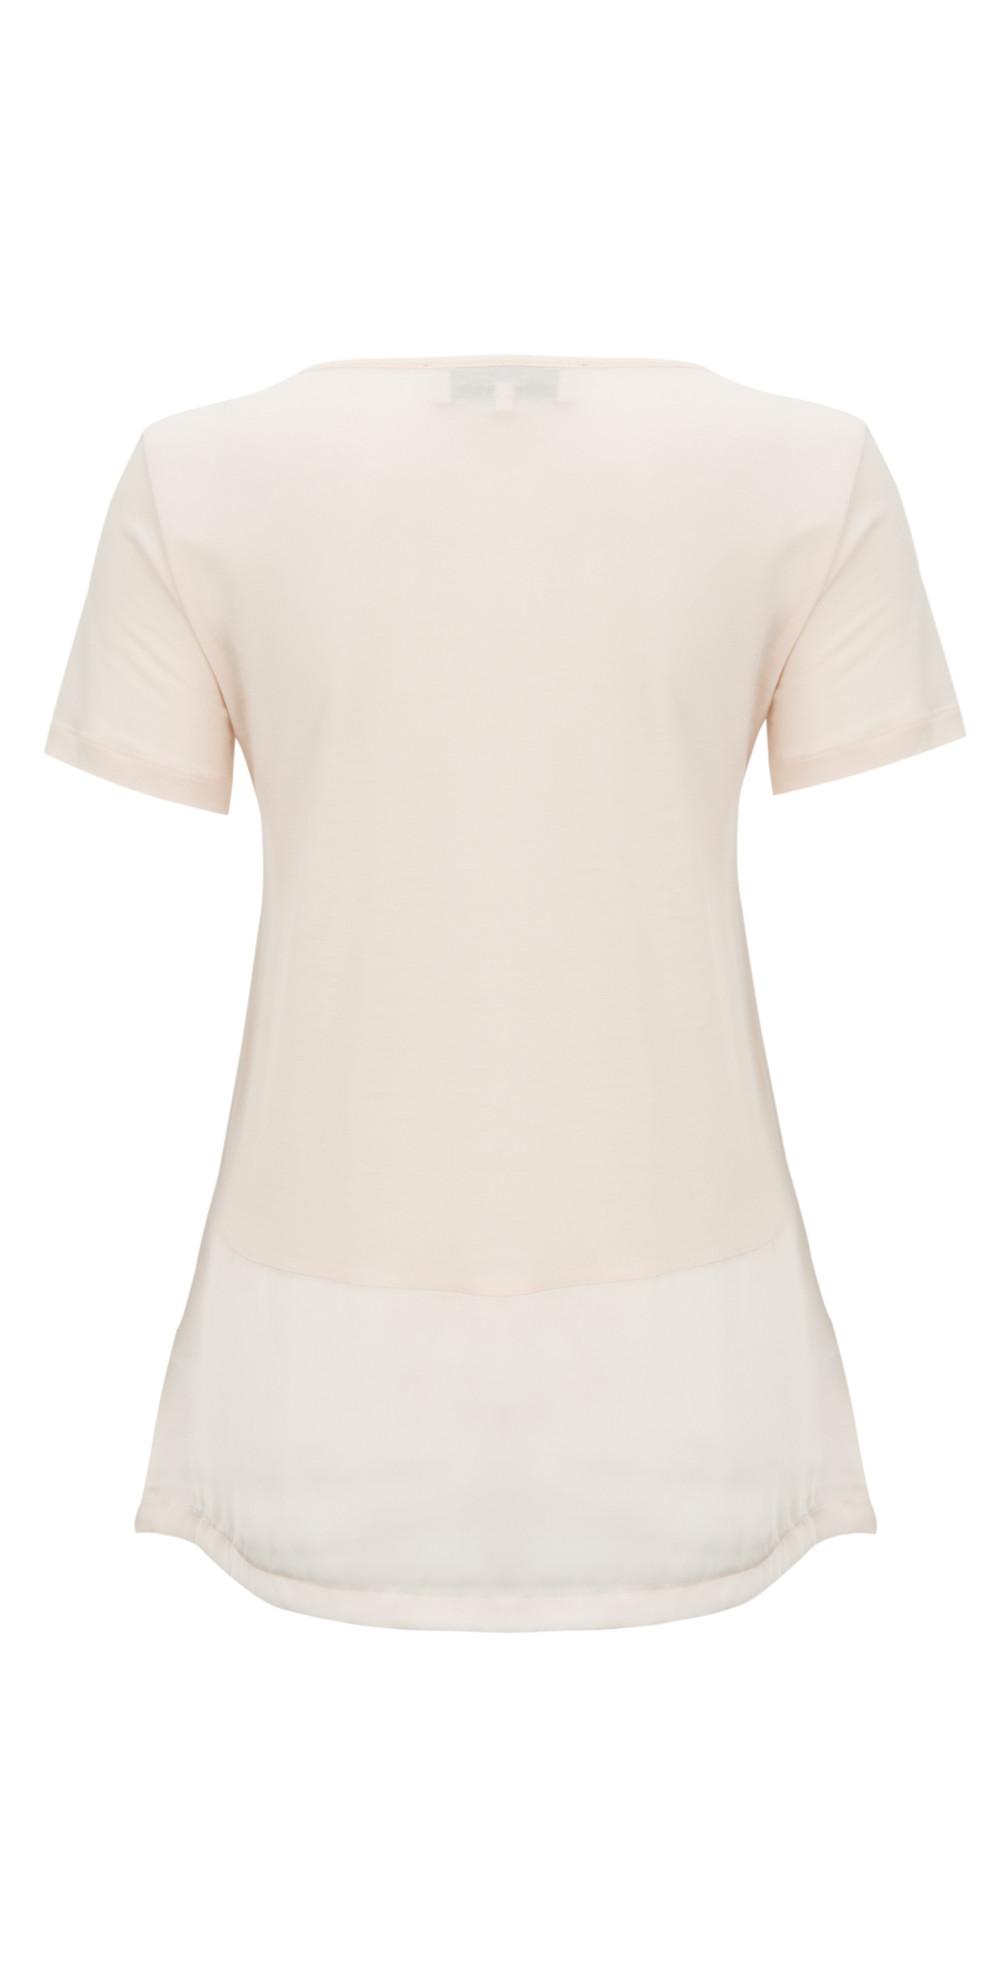 Polly Plains Satin Band T-Shirt main image